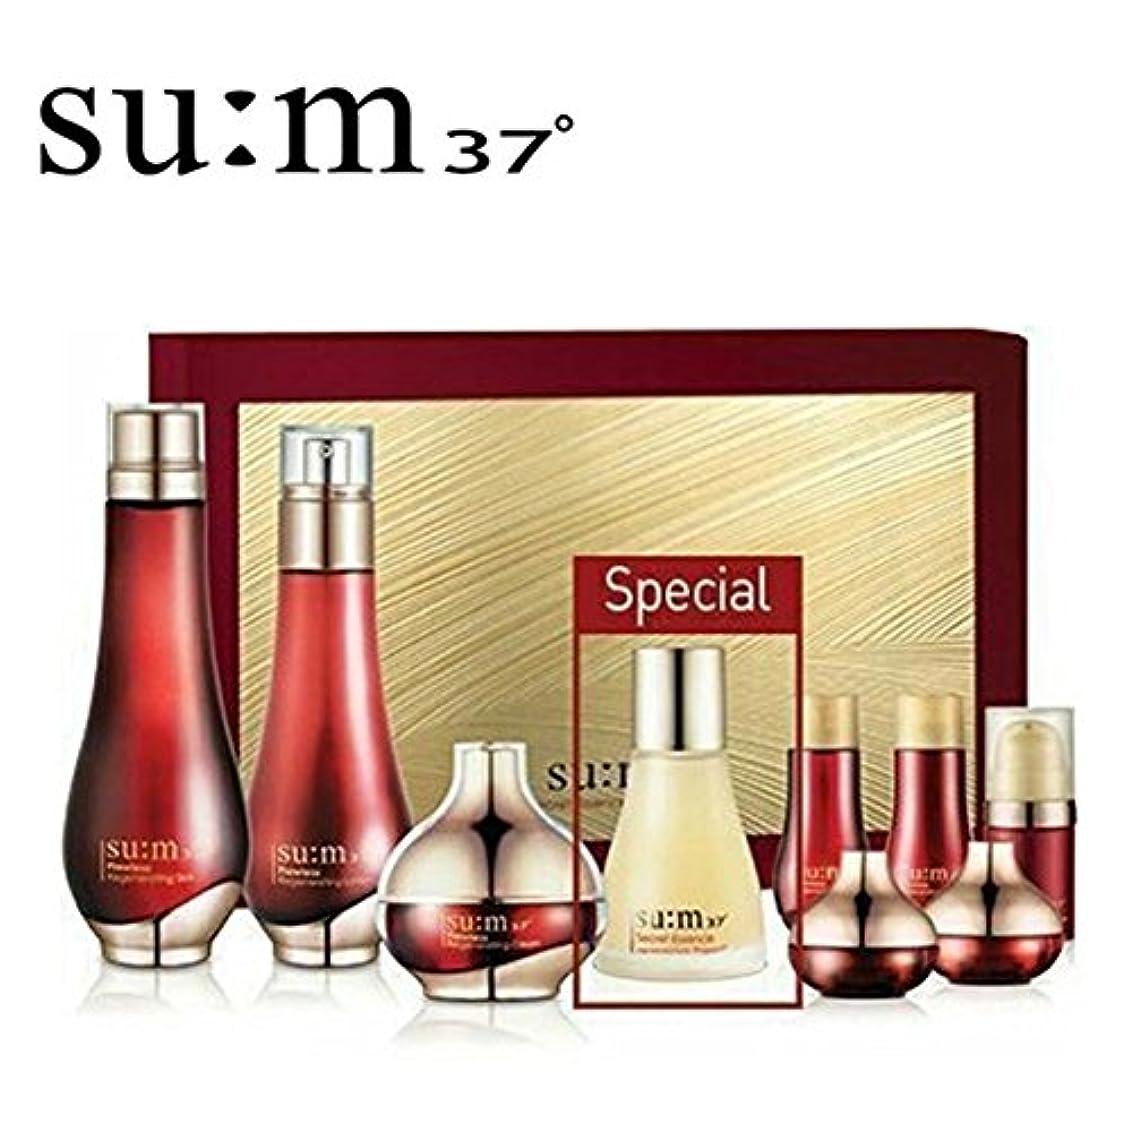 集団乳蓄積する[su:m37/スム37°] SUM37 Flowless Special Set/ sum37 スム37? フローレス 3種 企画セット +[Sample Gift](海外直送品)